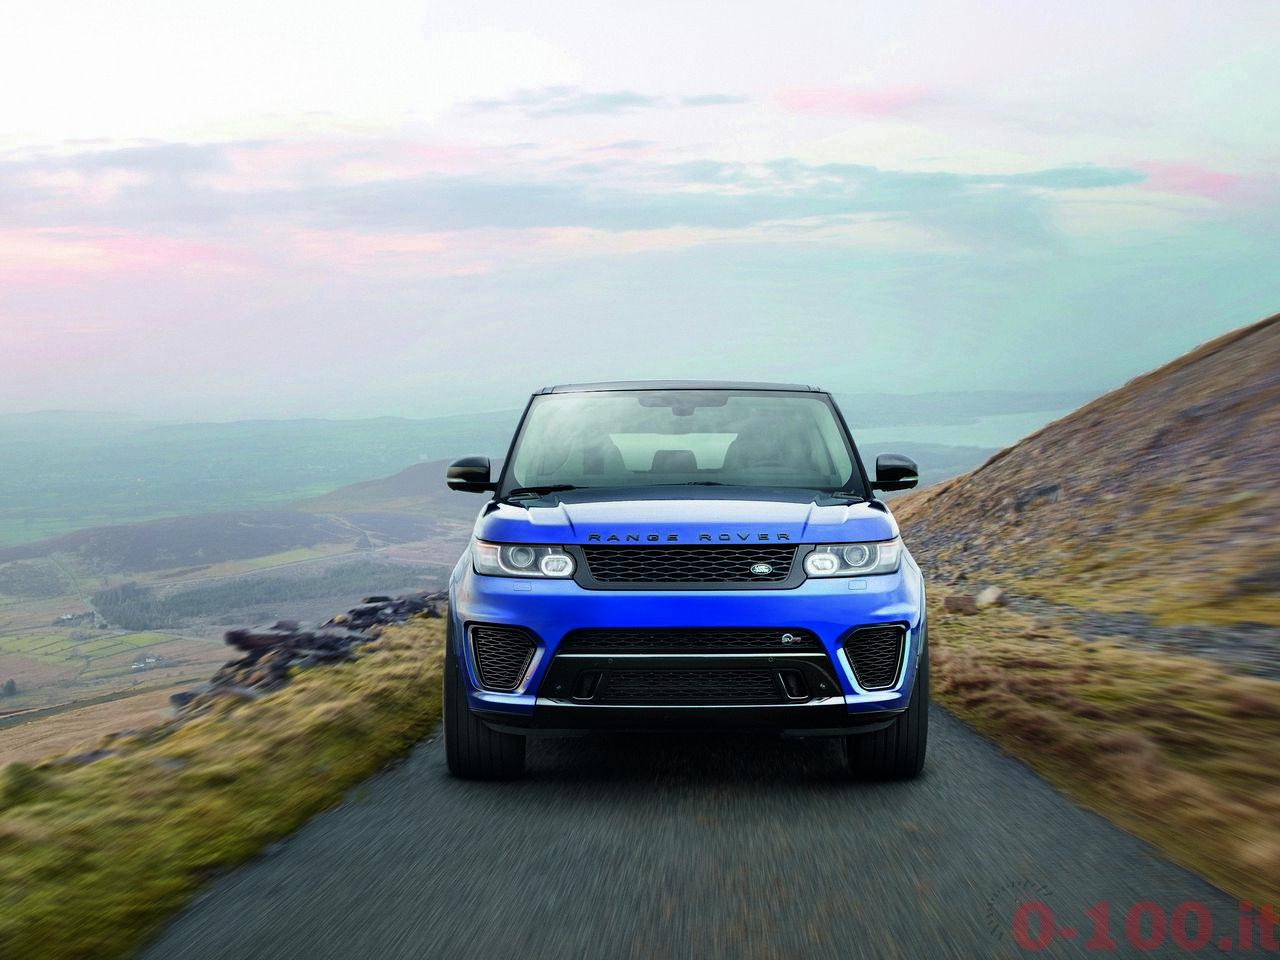 land-rover-range-rover-sport-svr-0-100-price-prezzo_1